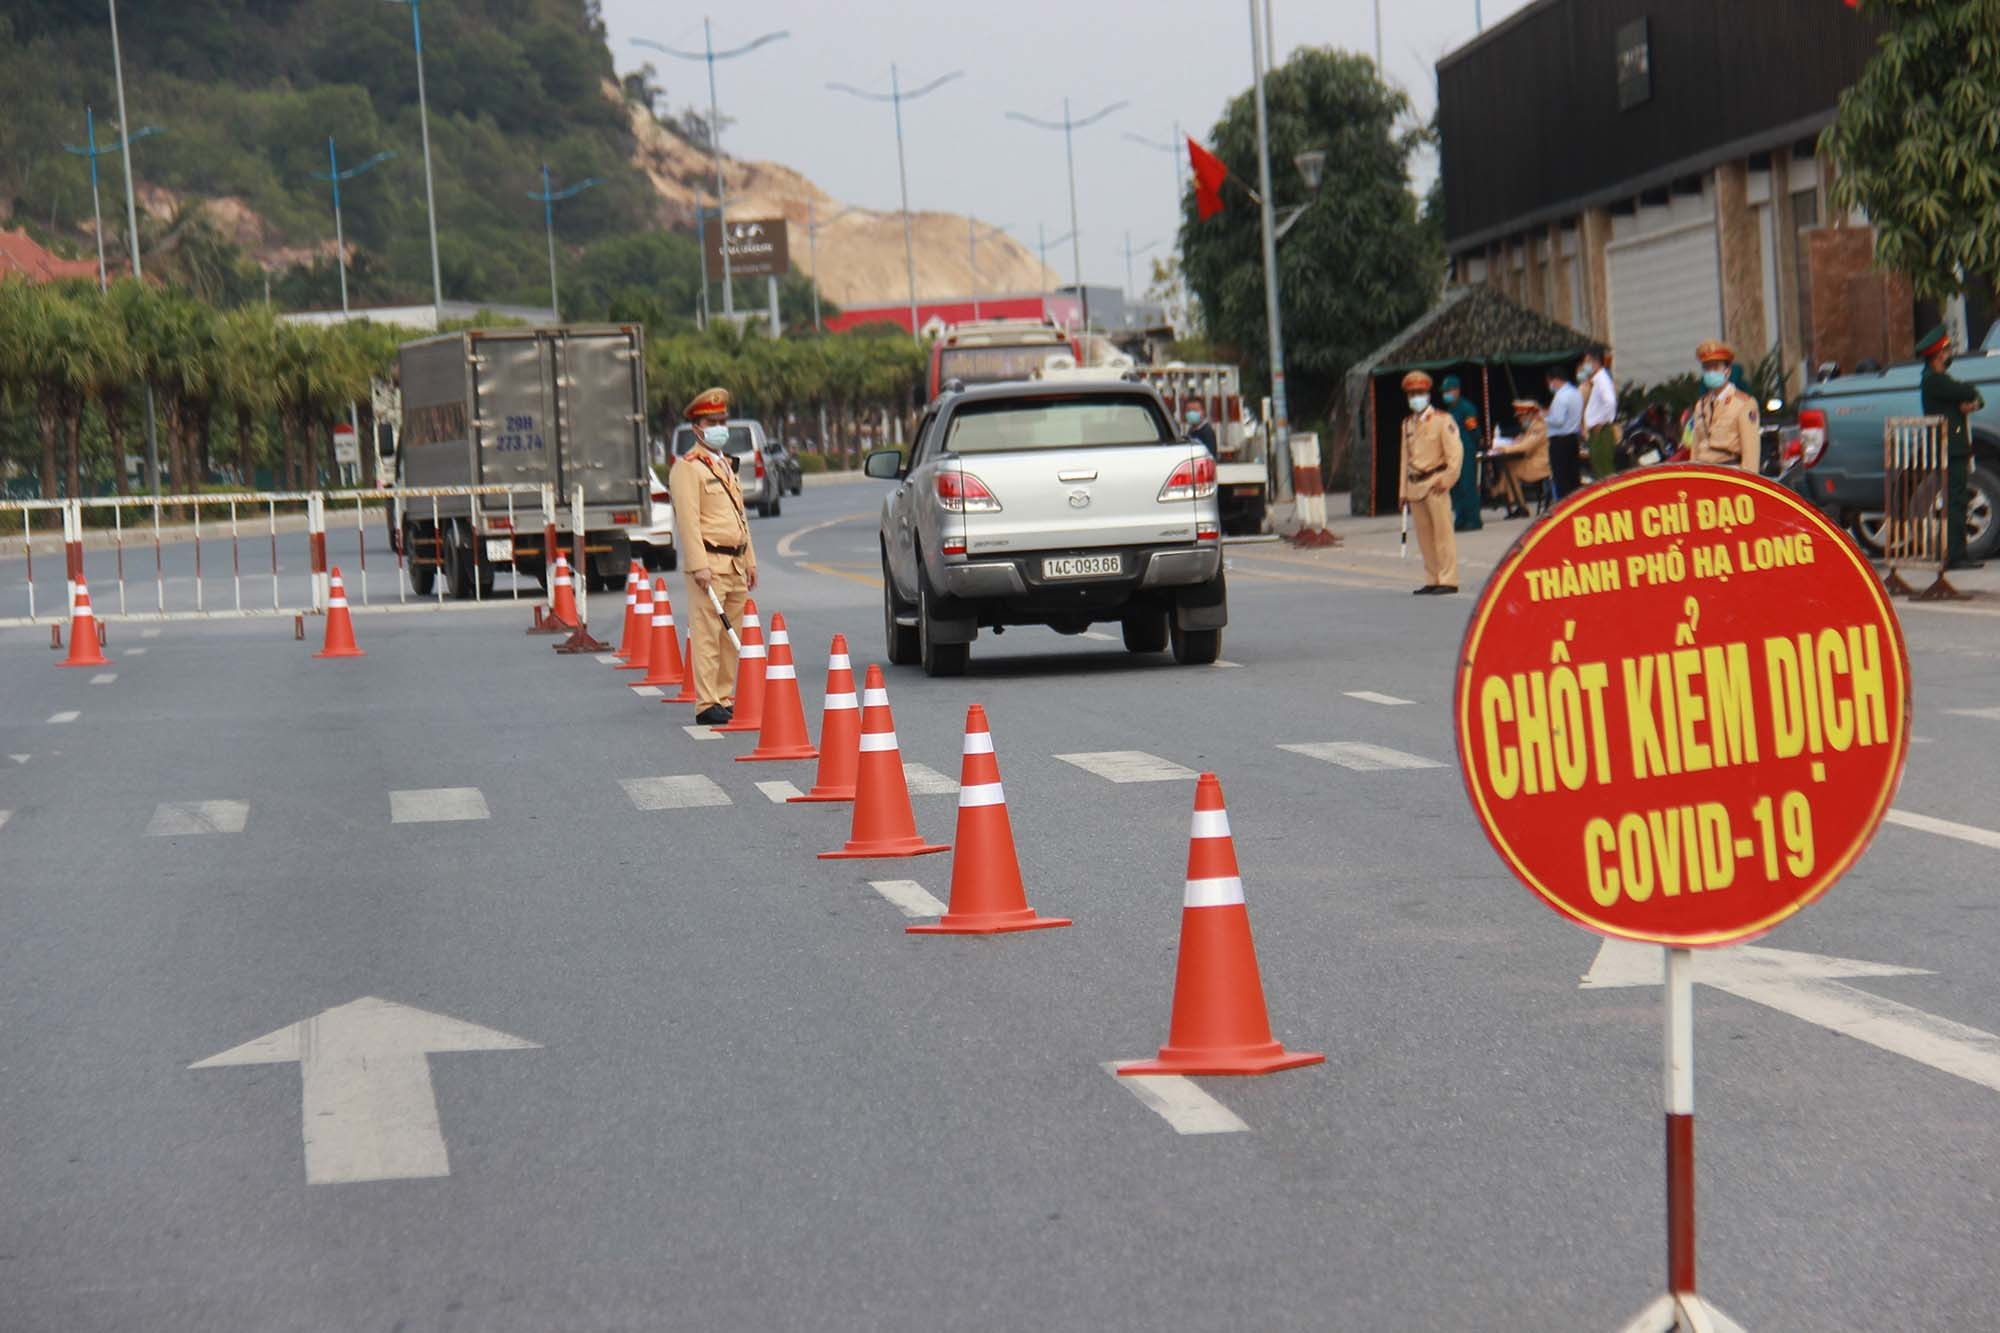 Từ 11/3, Quảng Ninh cho nhiều tuyến xe khách liên tỉnh hoạt động - Ảnh 1